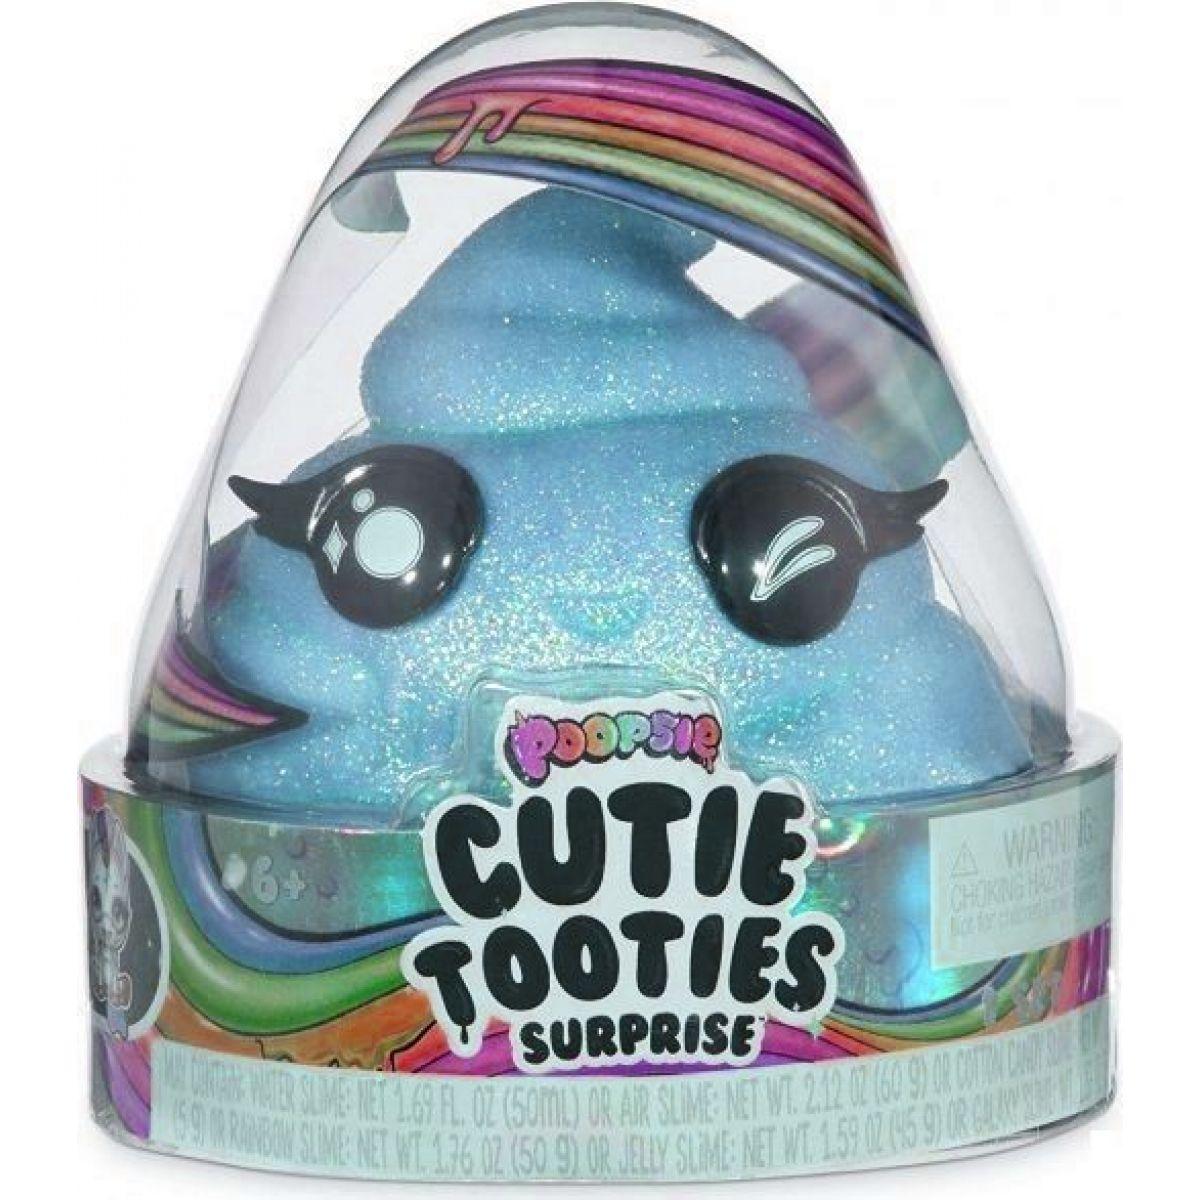 Poopsie Cutie Tooties Surprise tyrkysový